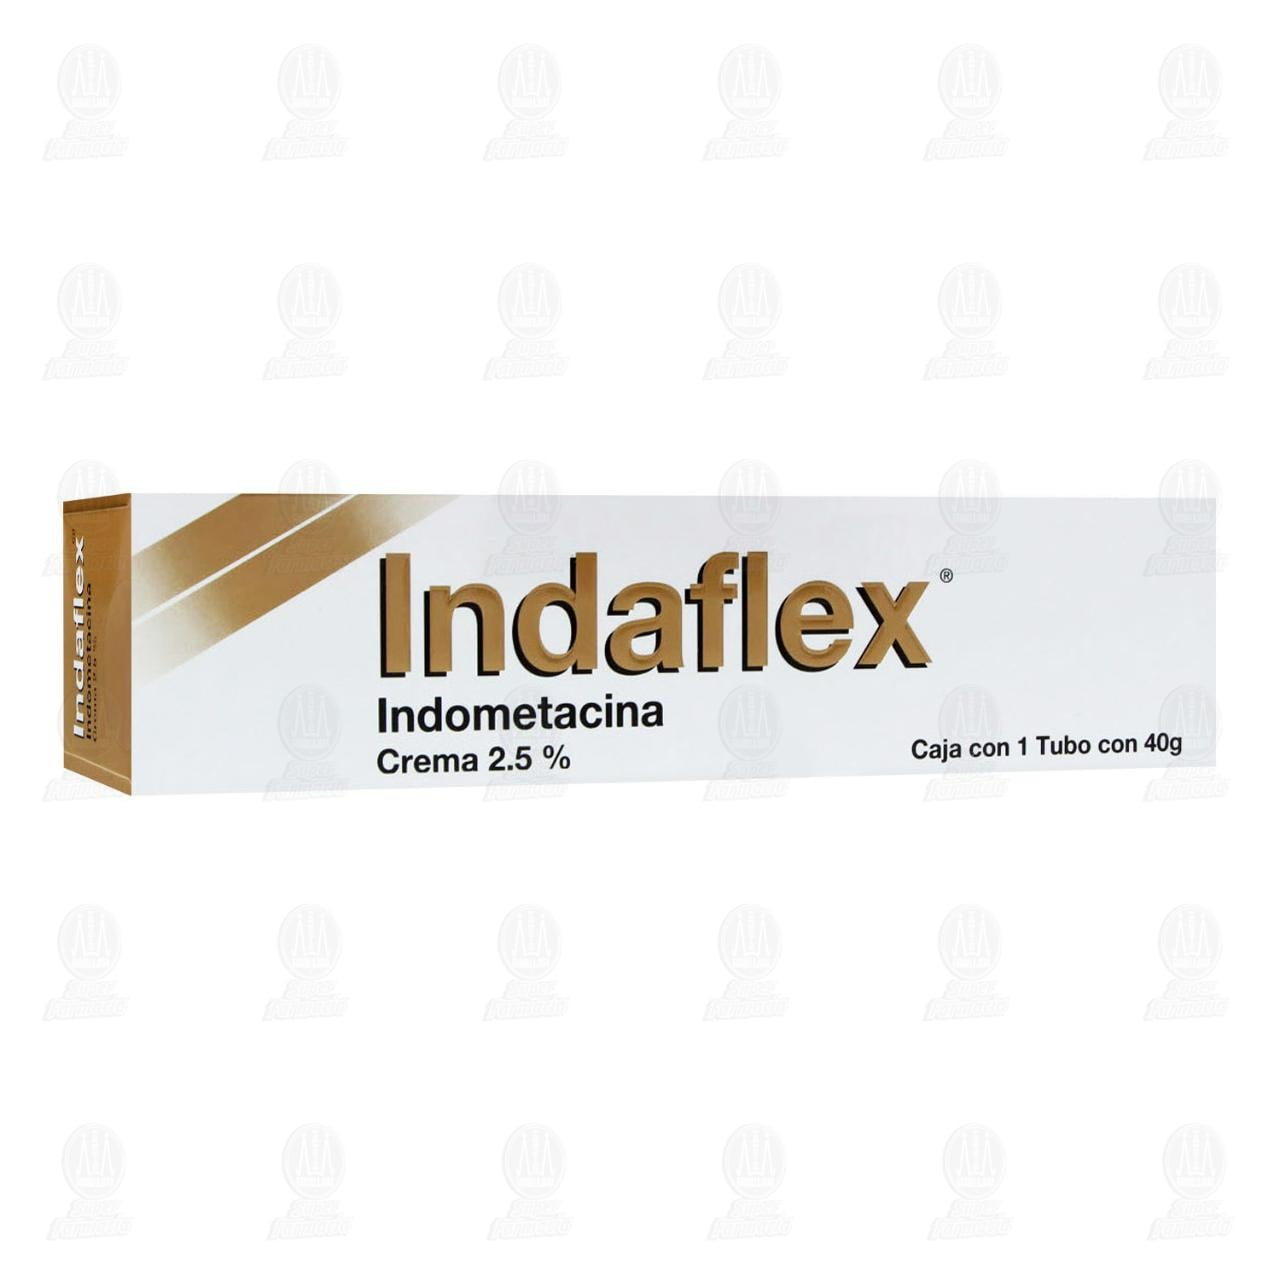 Comprar Indaflex 2.5% 40gr Crema en Farmacias Guadalajara